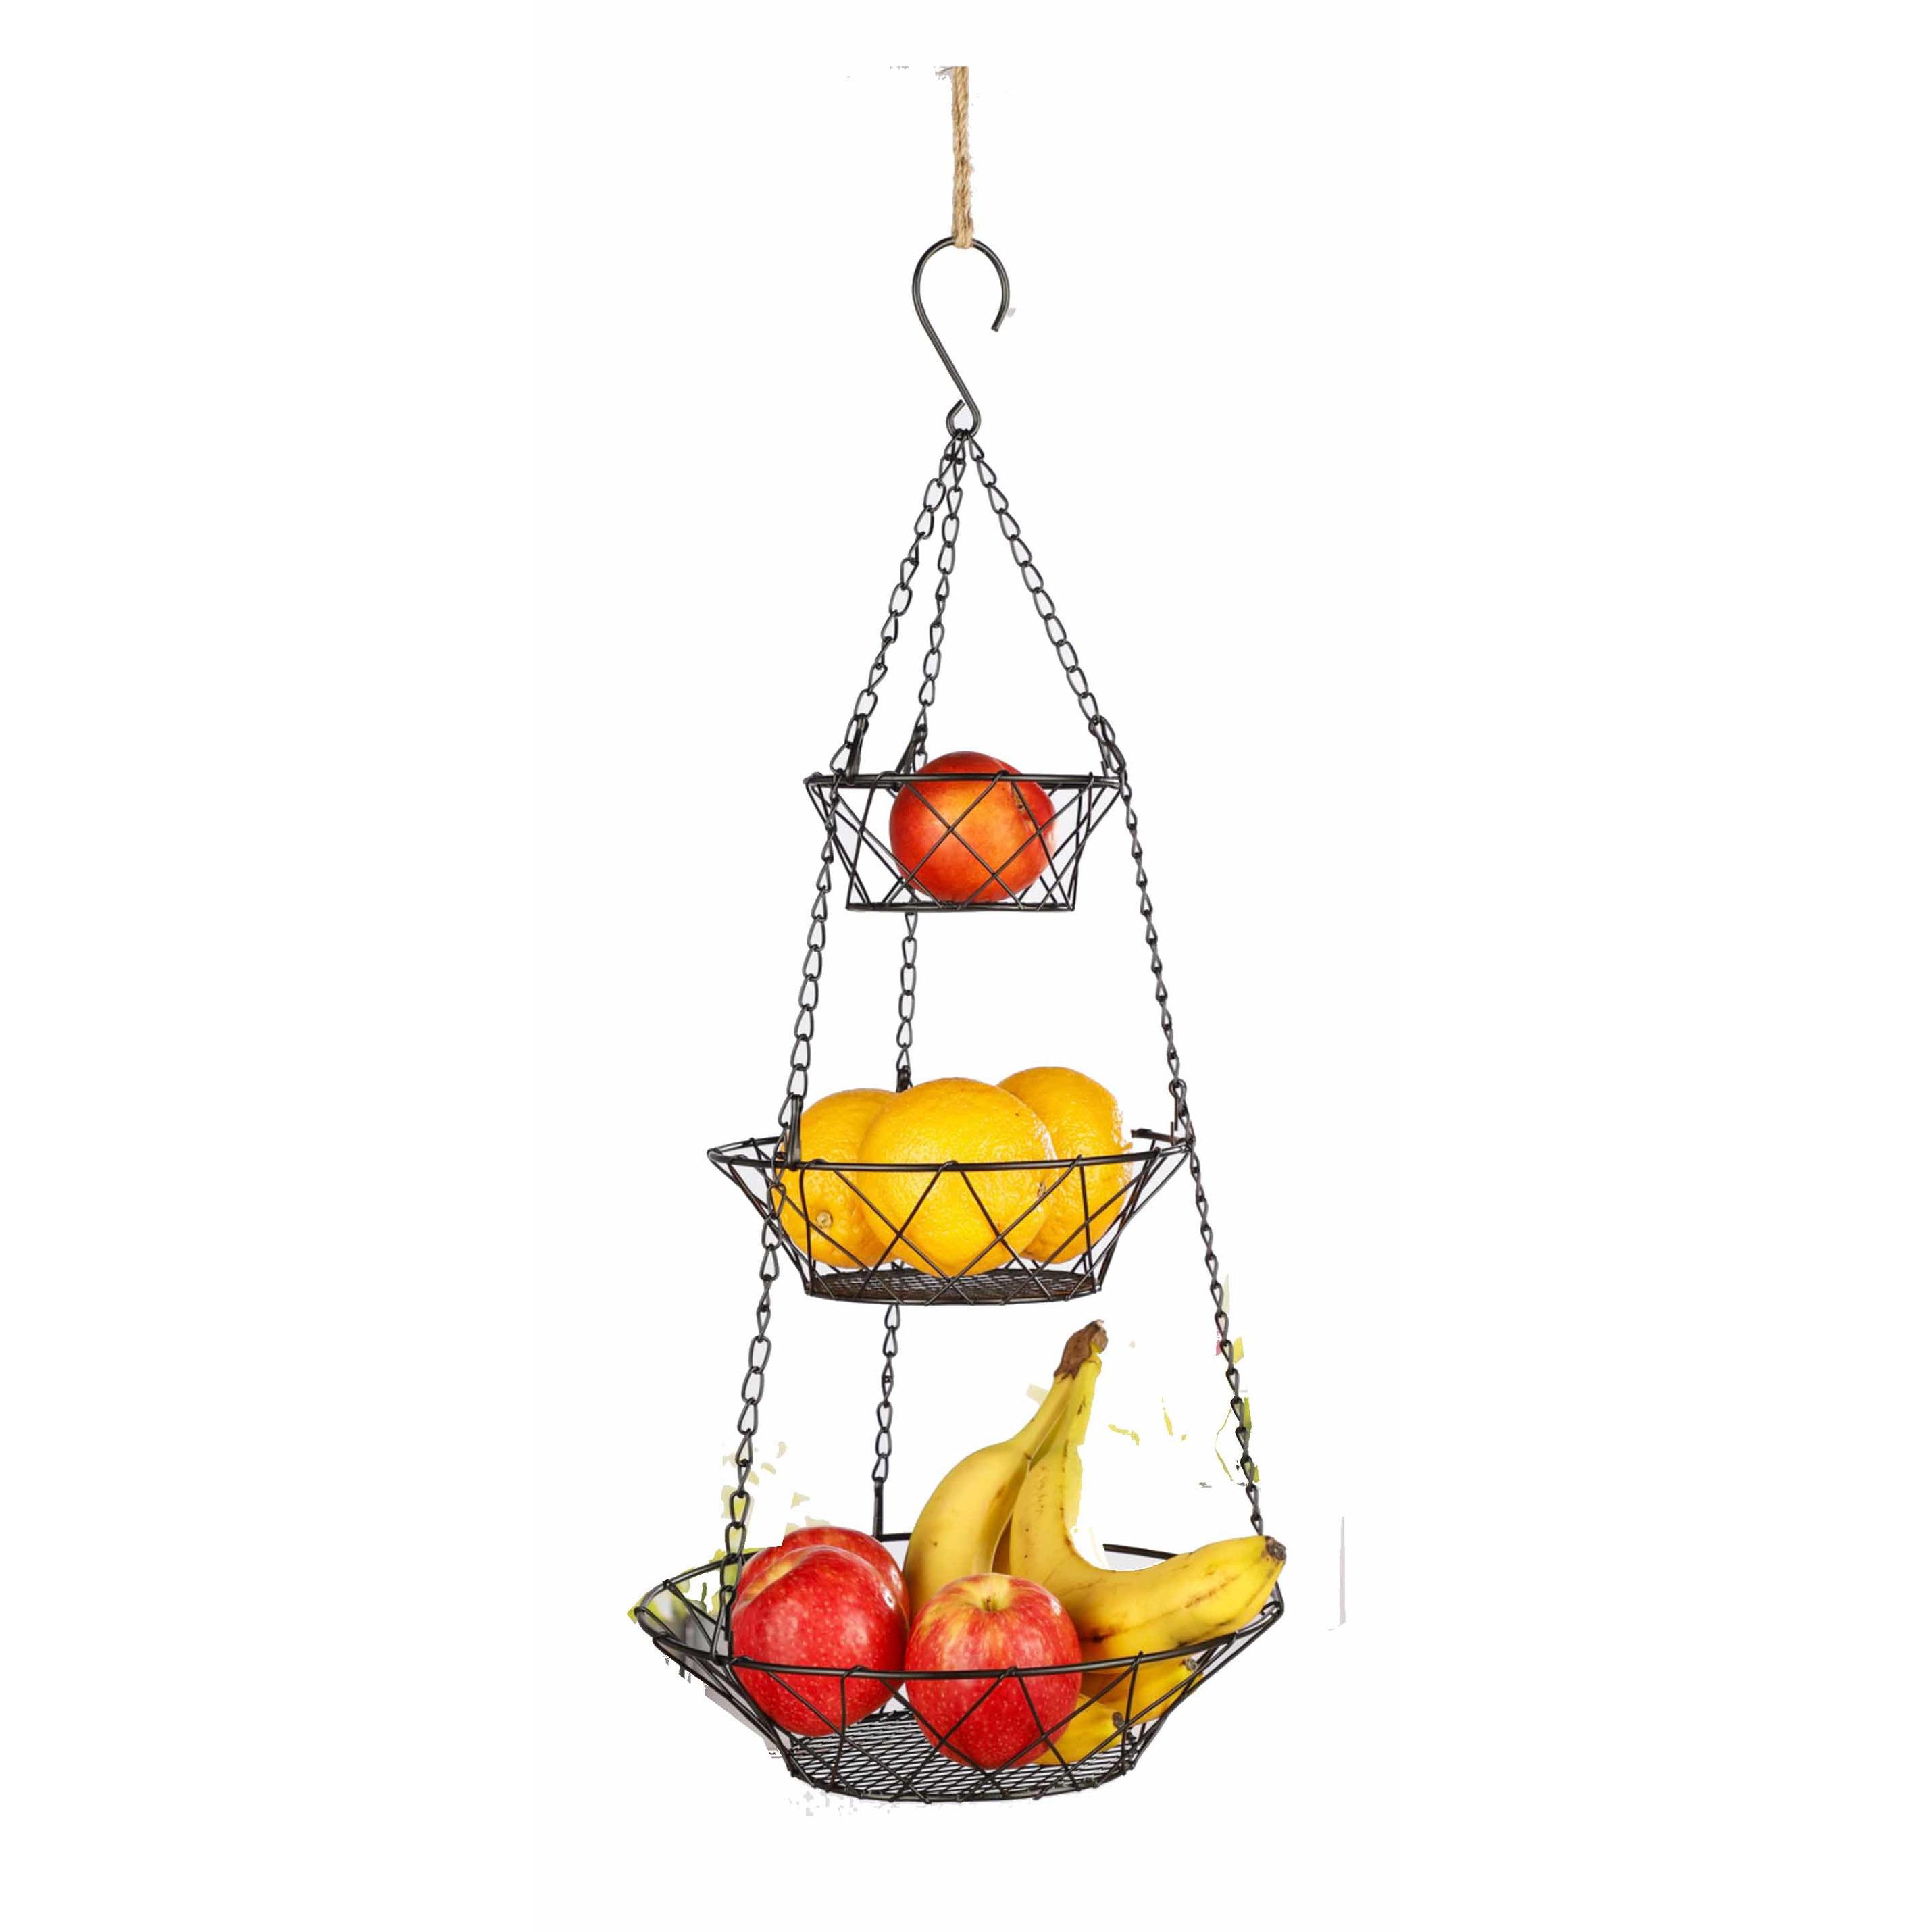 Metalen hang etagere fruitetagere met 3 ronde manden 67 cm